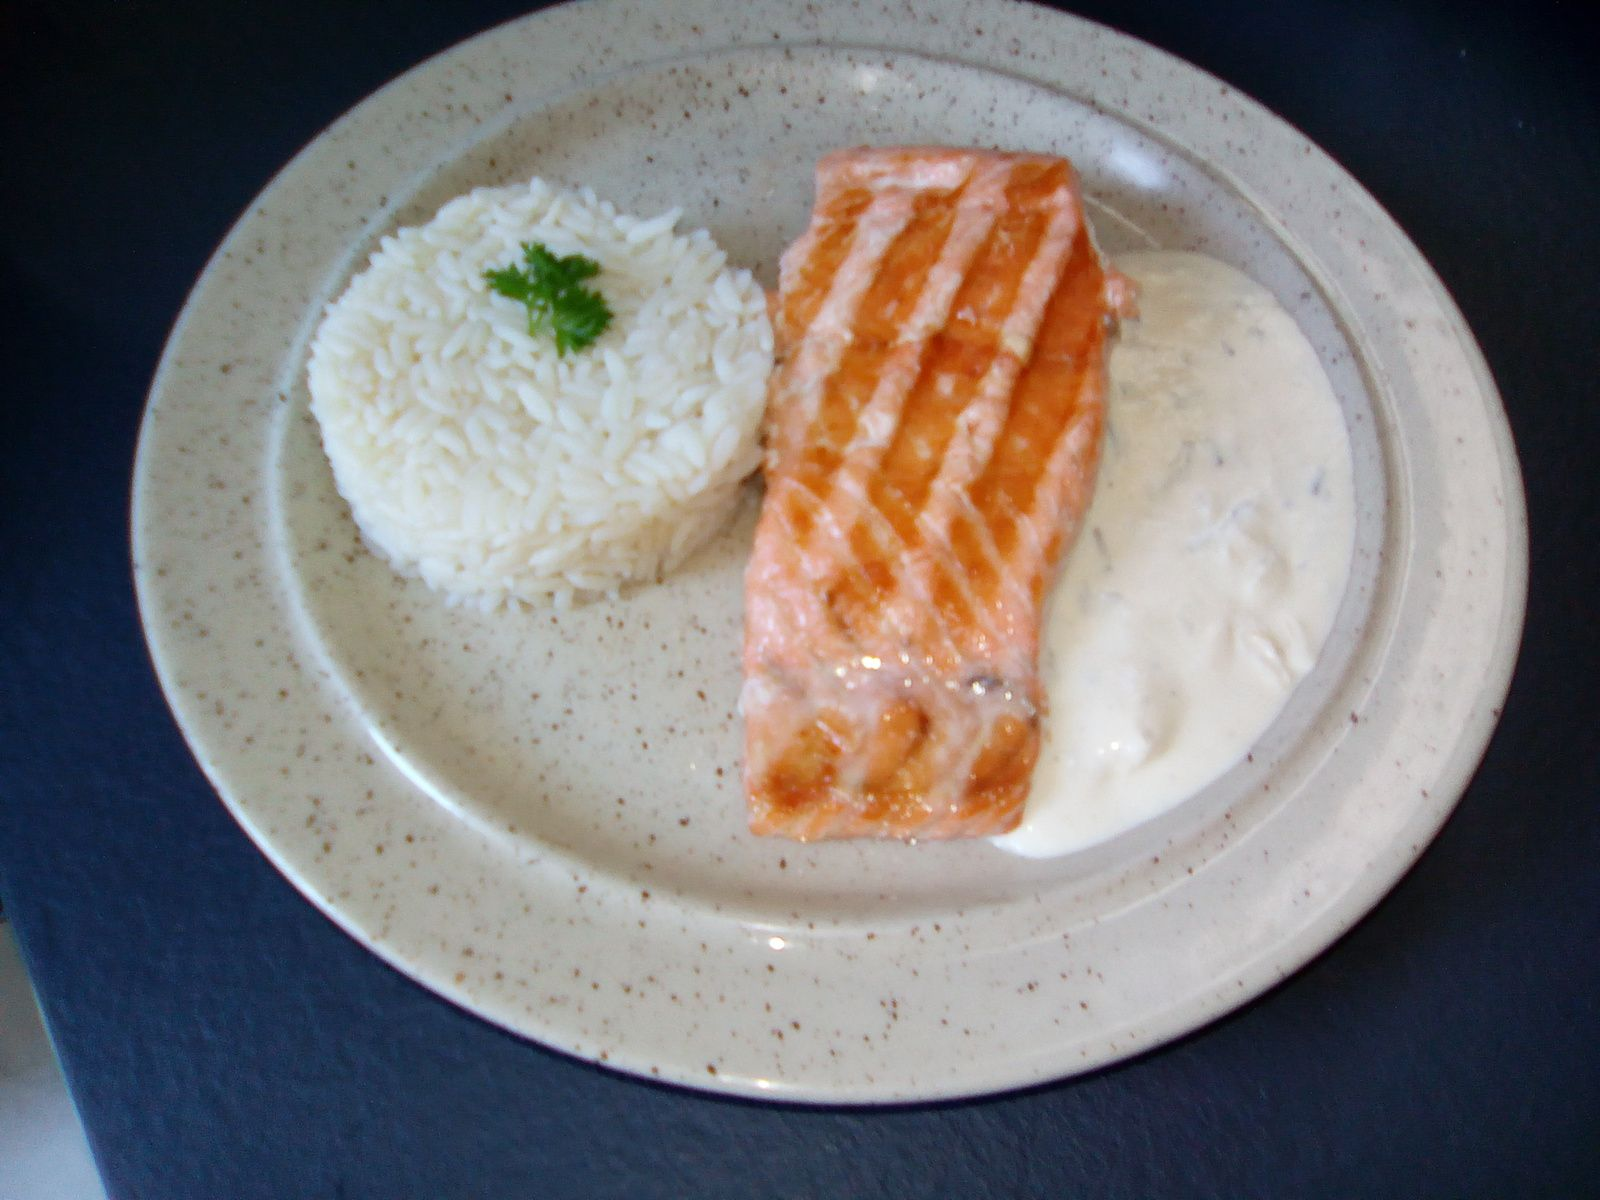 Pavé de saumon grillé à l'optigrill téfal